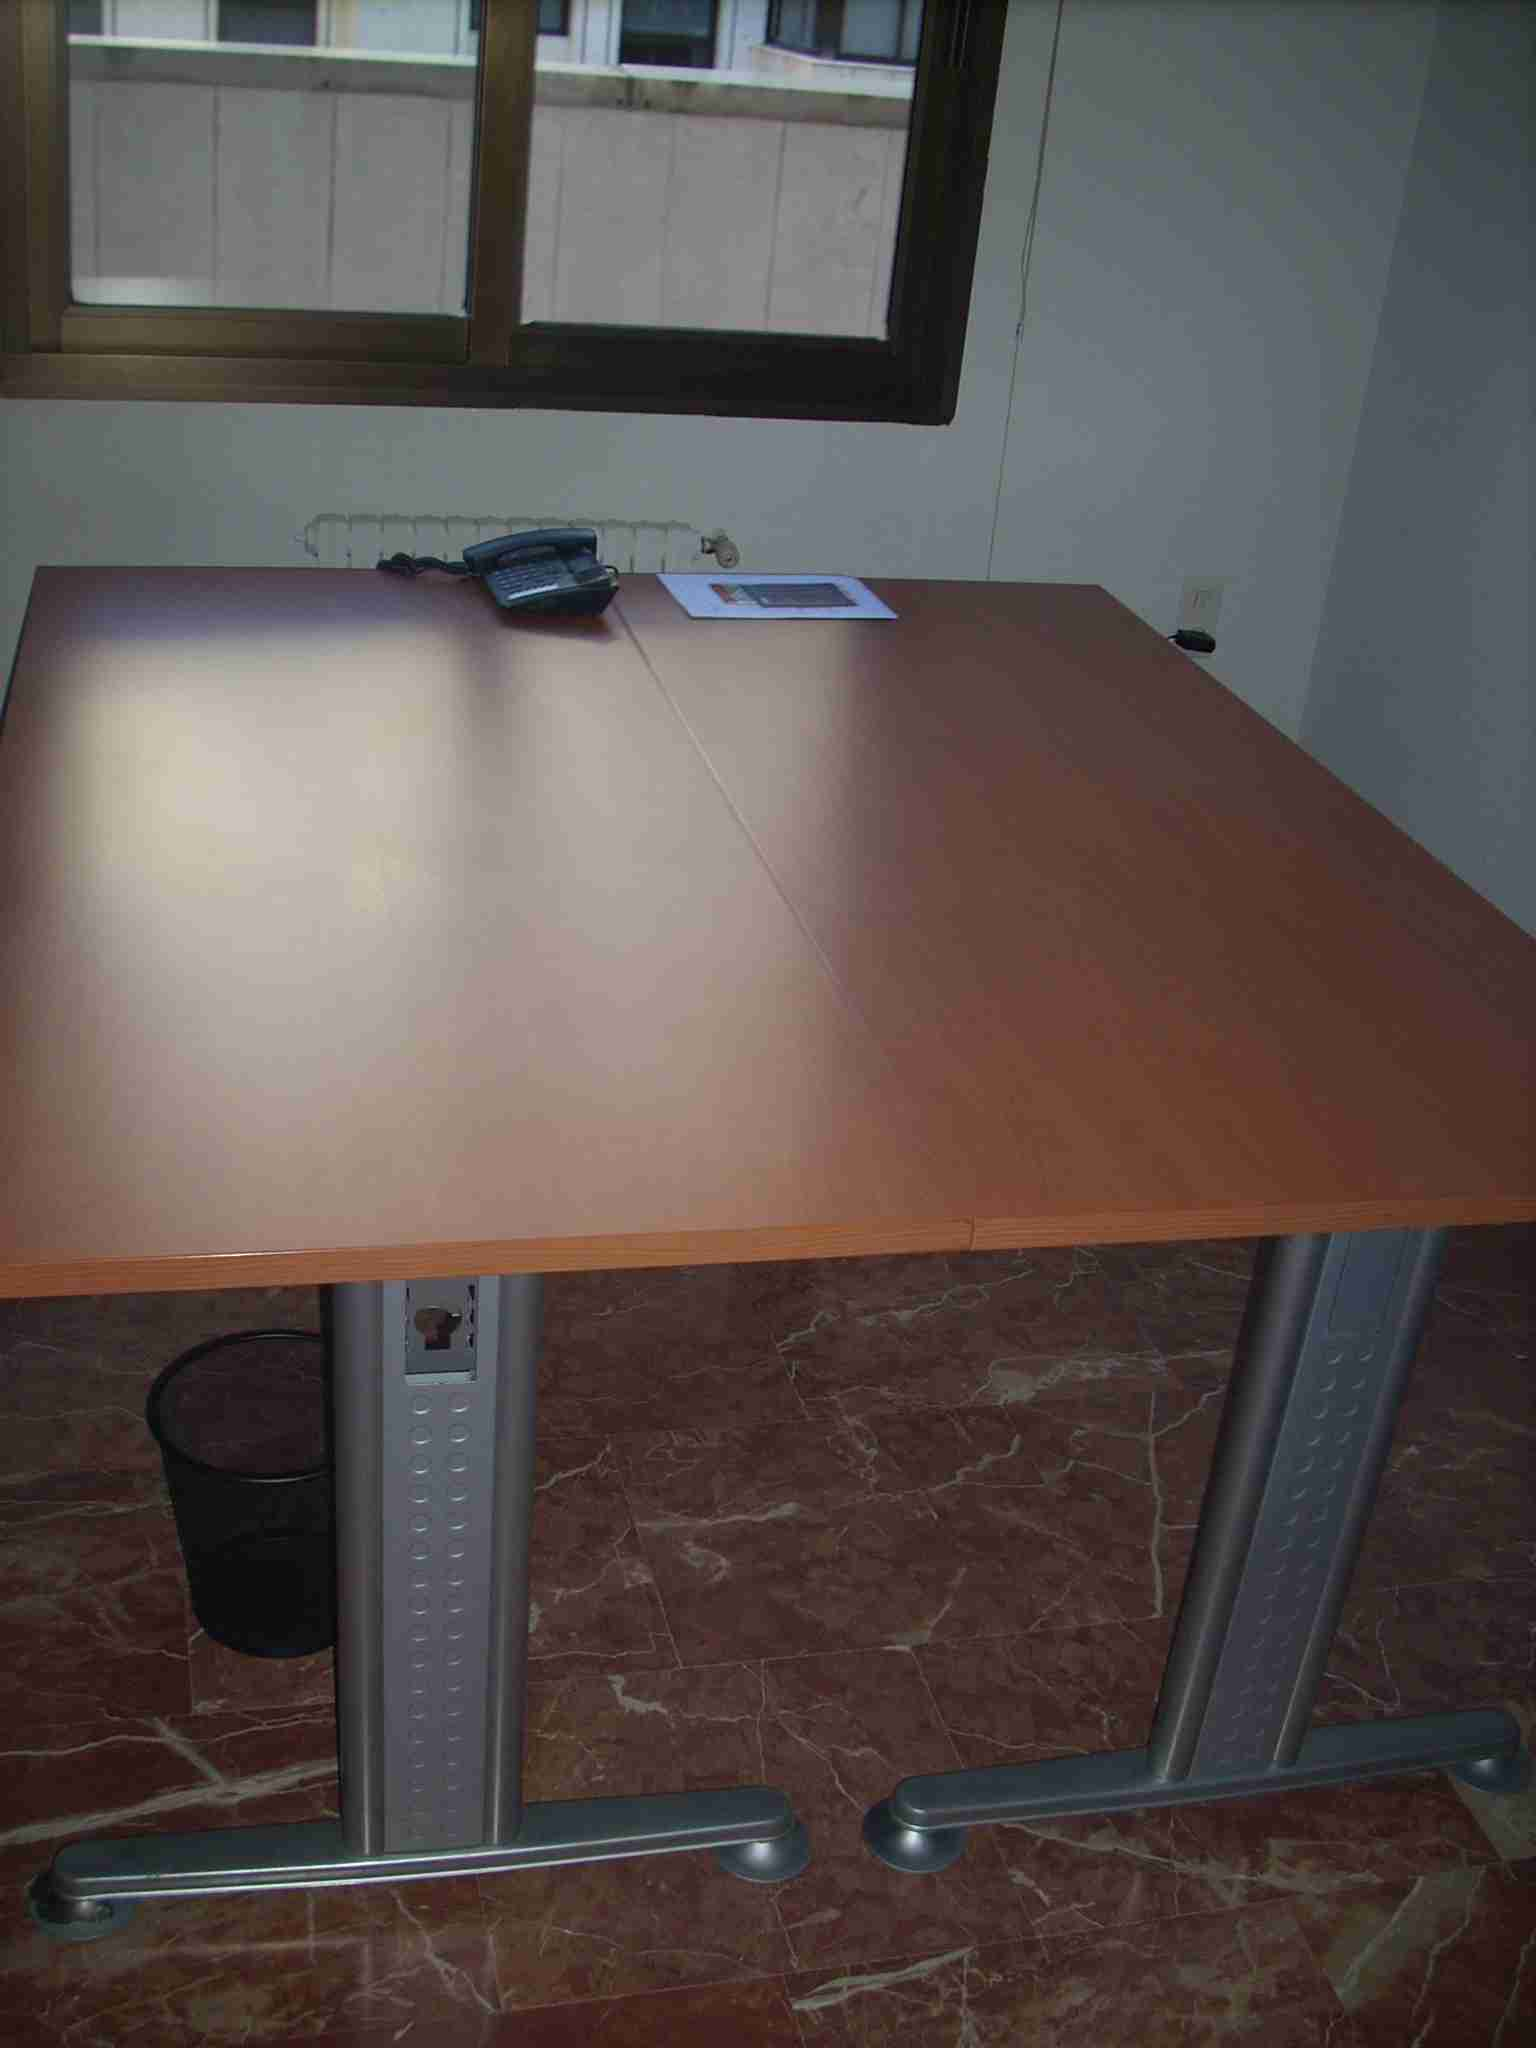 Segunda Mano | IMOC.es| Muebles de oficina y mobiliario para el comercio en general